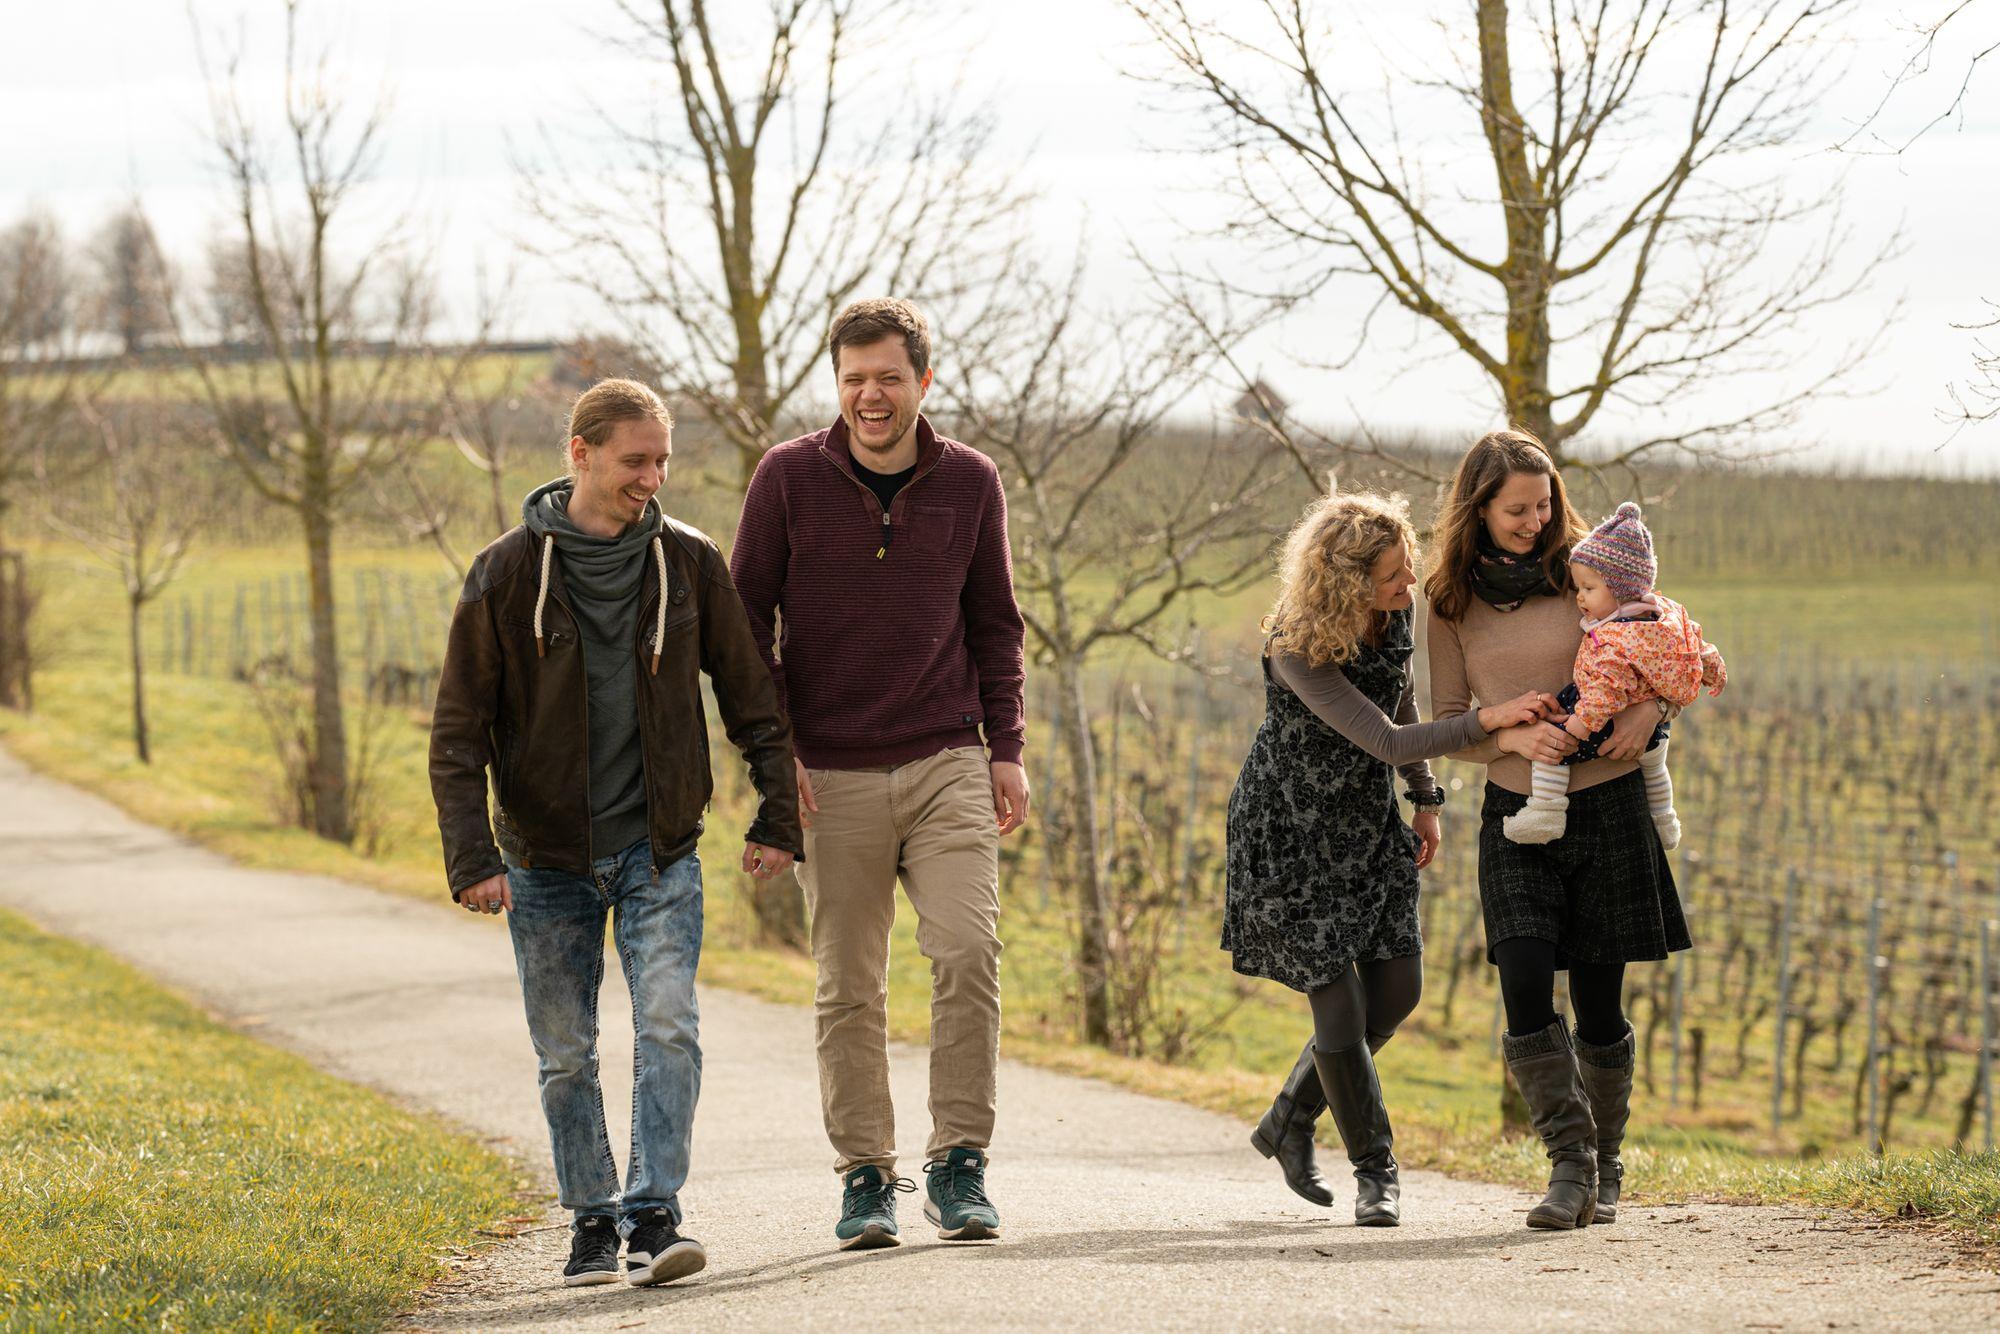 Familienshooting in Meersburg als Geburtstagsgeschenk